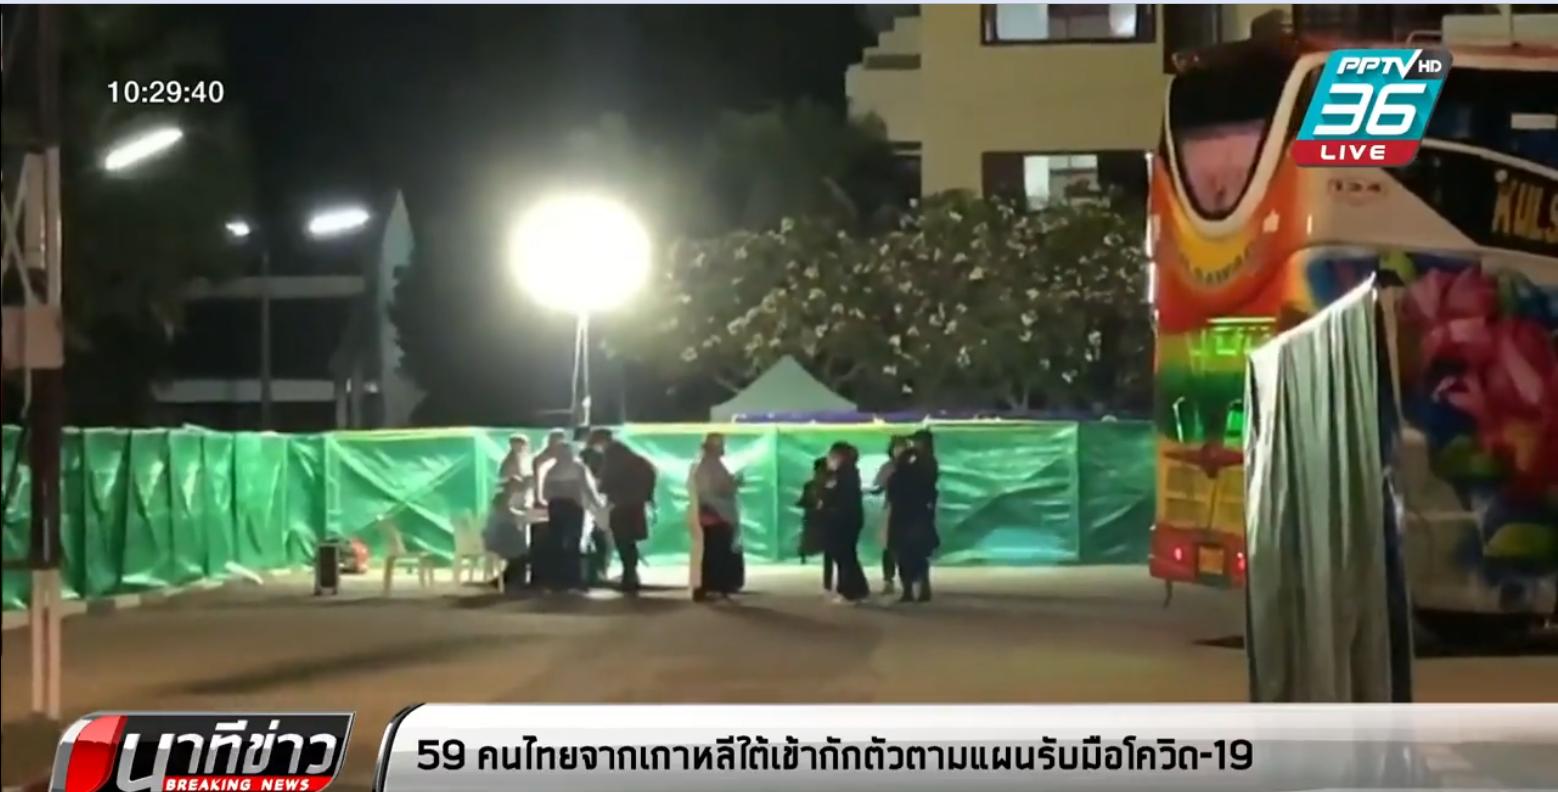 คนไทย 59 คน จากเกาหลี เข้ากักตัวสัตหีบ ตามแผนรับมือโควิด-19